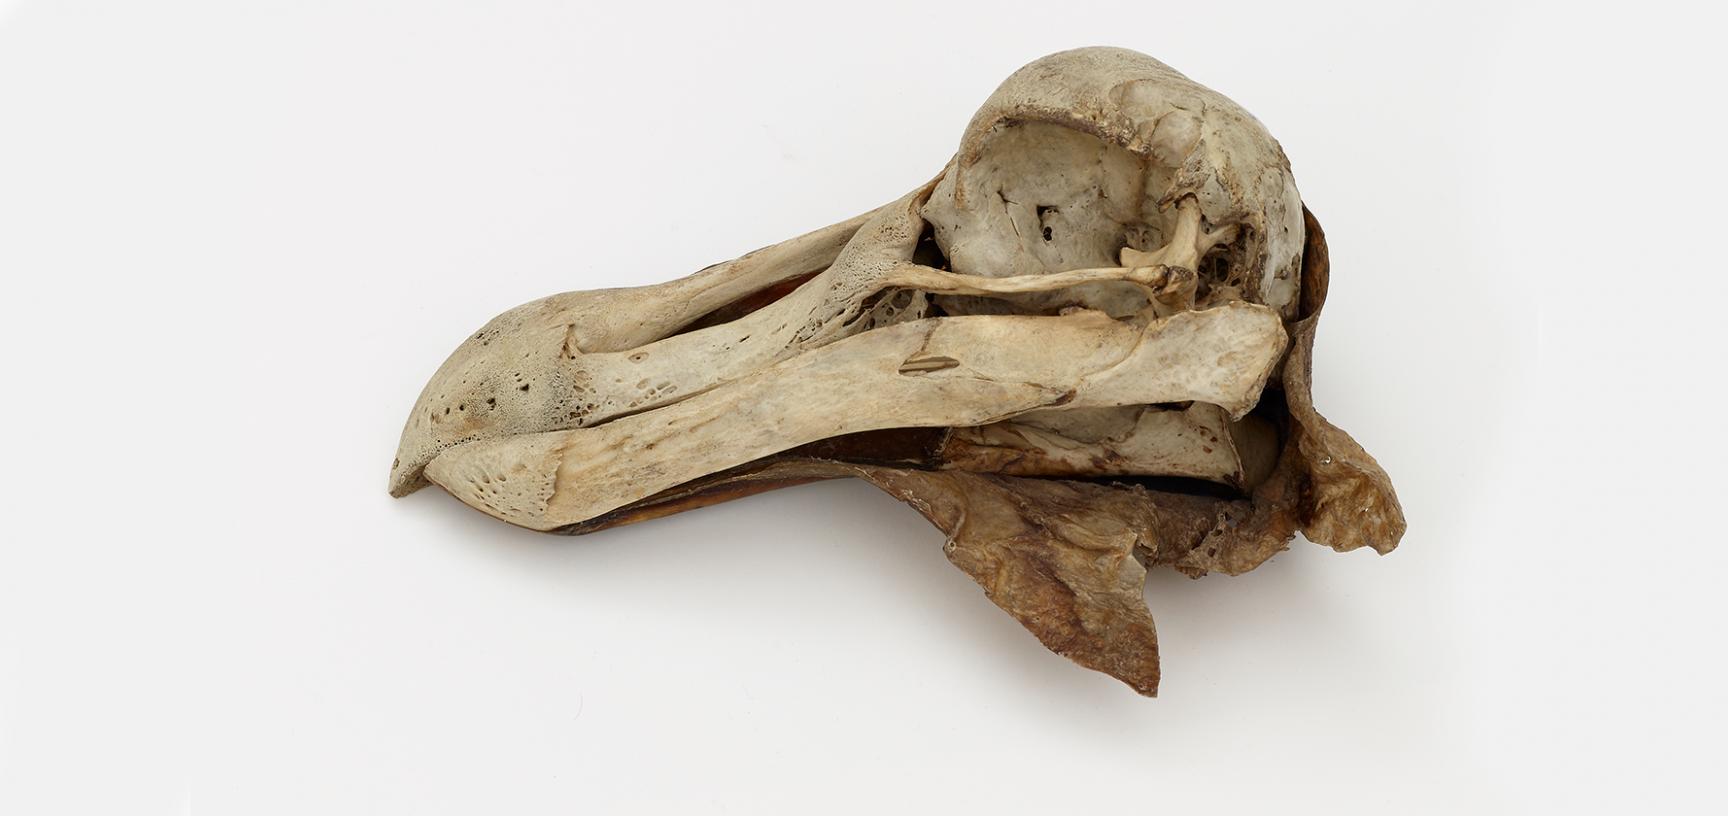 Dodo's skull